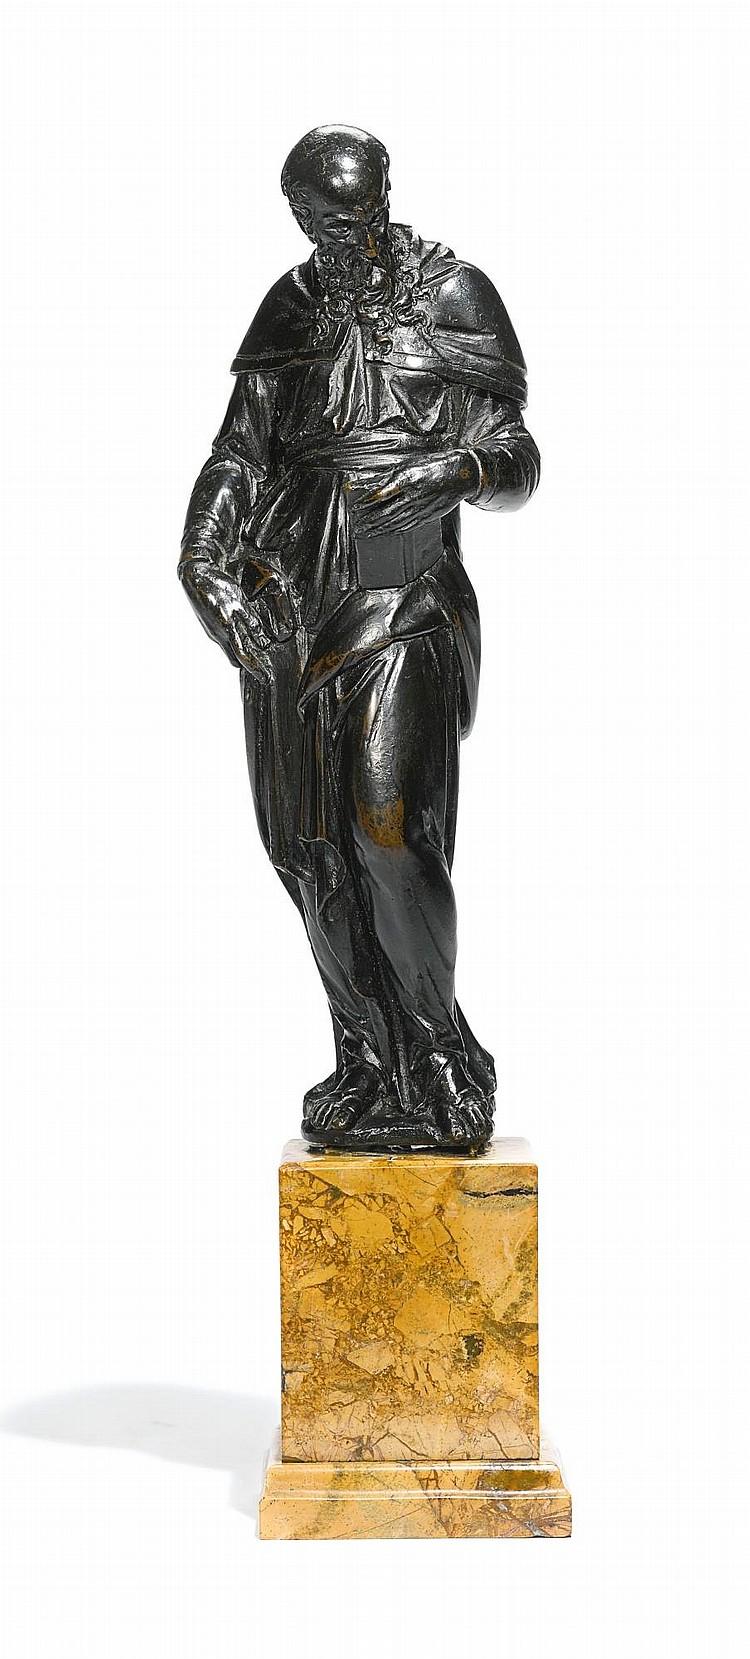 ATTRIBUTED TO ANDREA DI ALESSANDRI, CALLED IL BRESCIANO (FL. 1550-1575)<BR />ITALIAN, VENICE, THIRD QUARTER16TH CENTURY | Evangelist